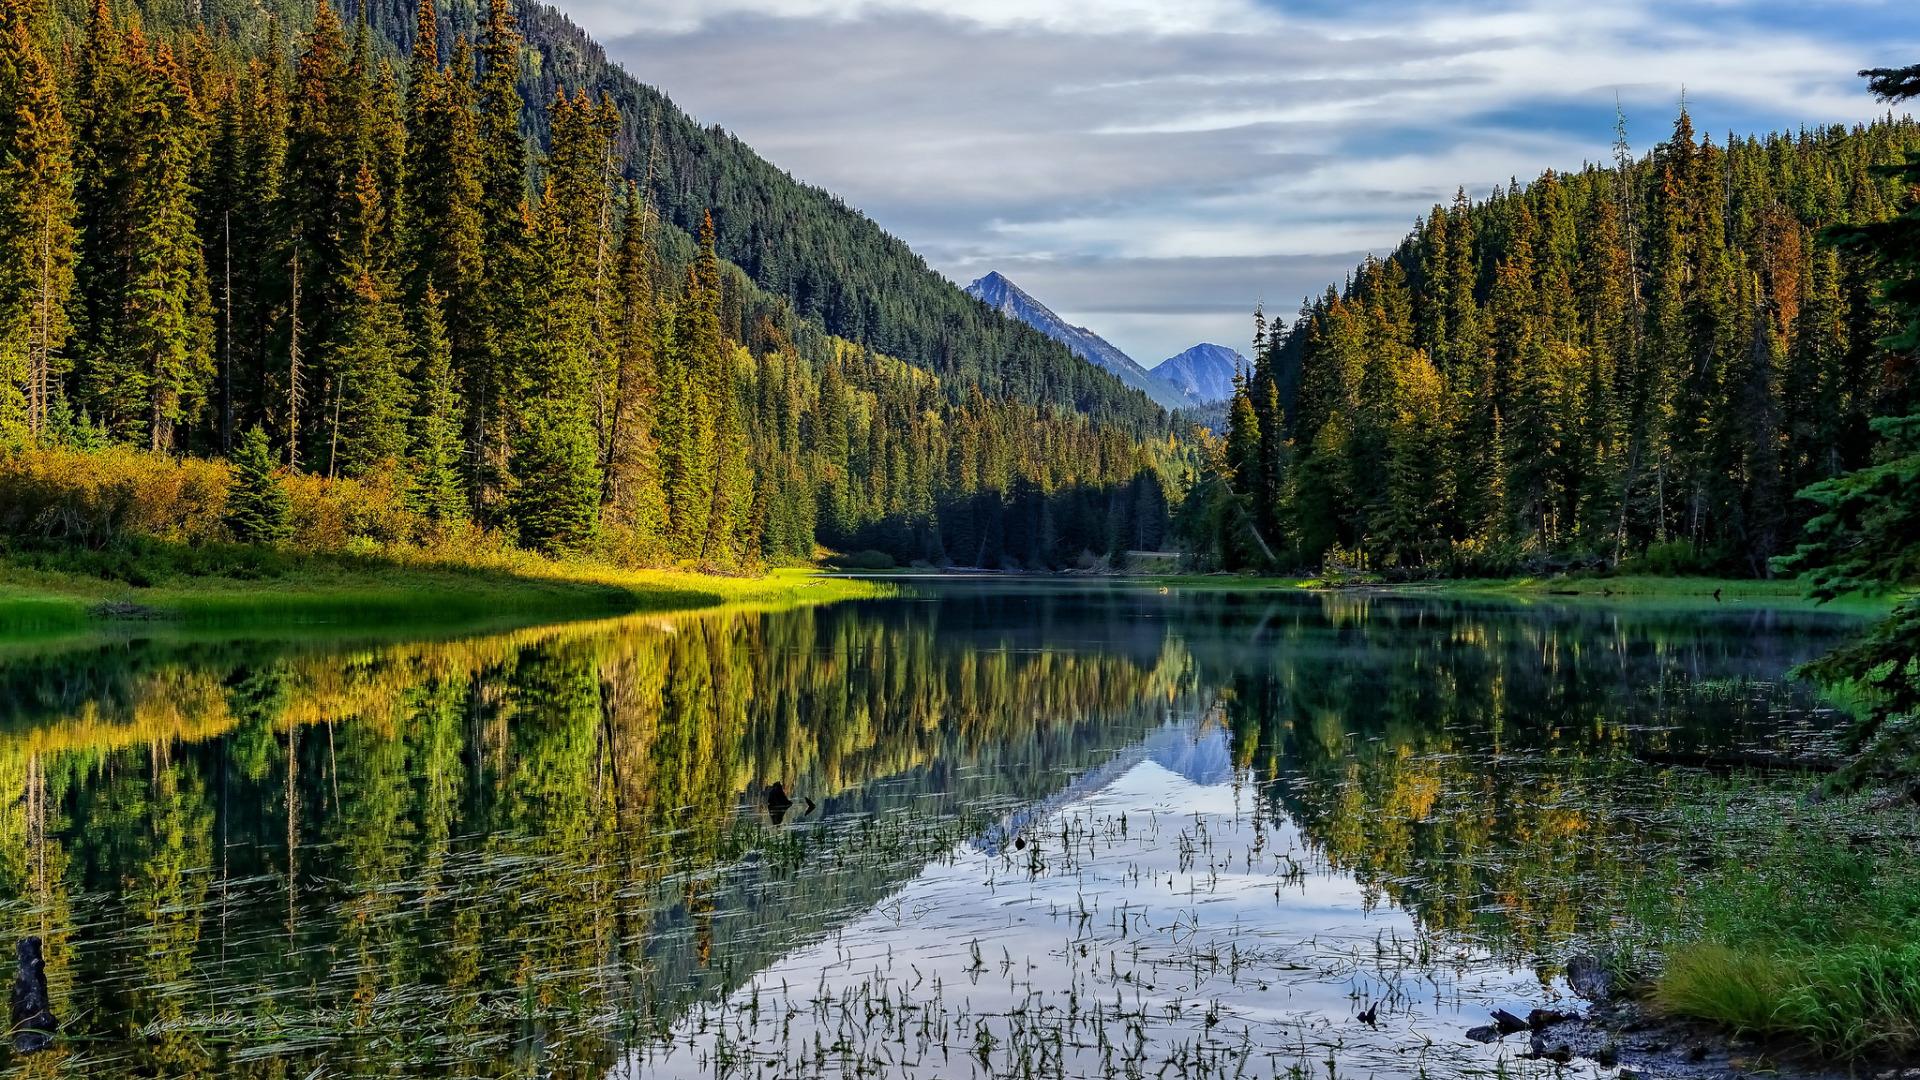 Обои для рабочего стола лес и озеро